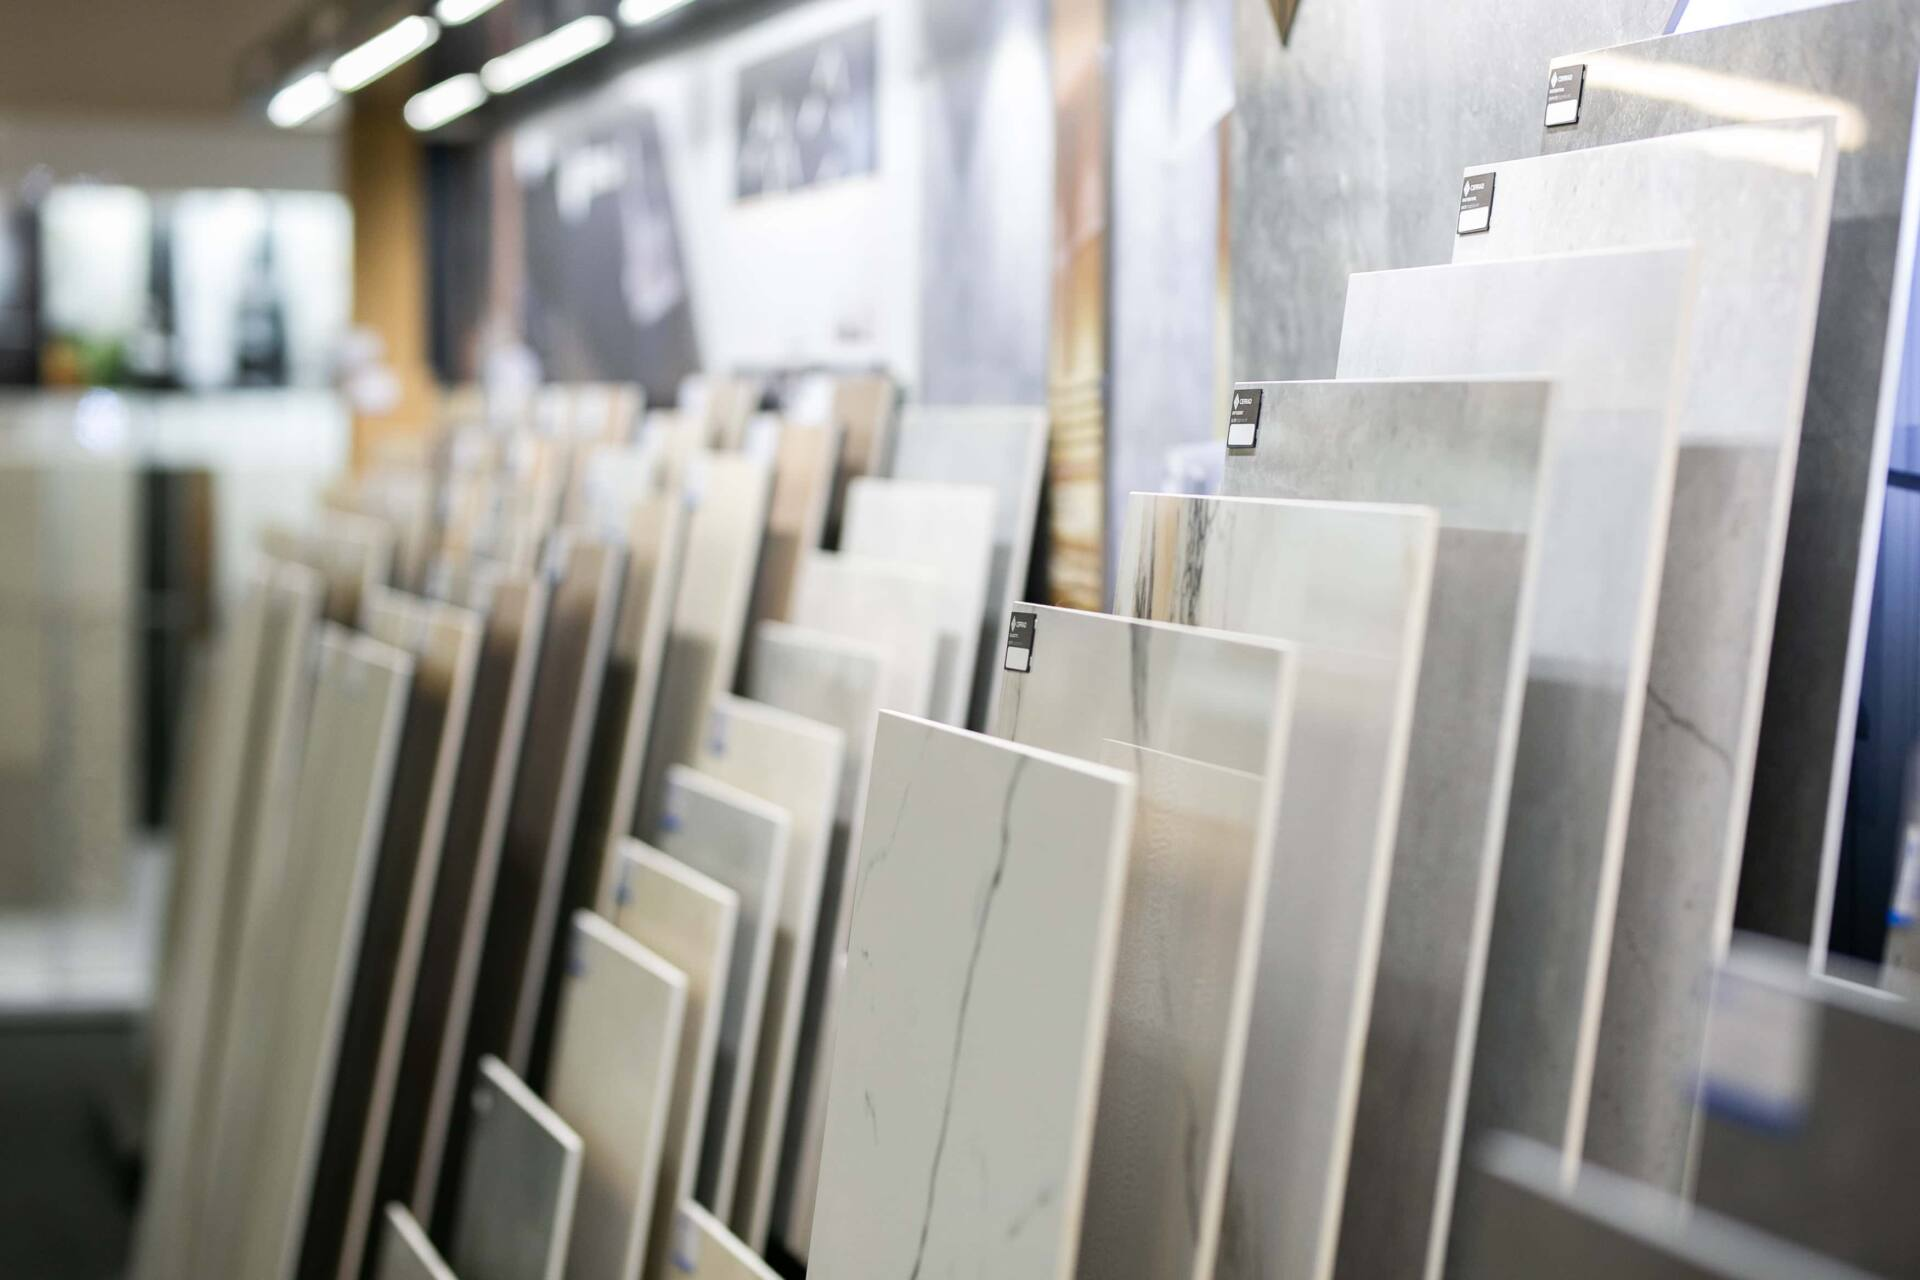 5db 5631 Salon BLU: na ponad 500 m2., 36 łazienkowych aranżacji i bogata ekspozycja wyposażenia (zdjęcia)